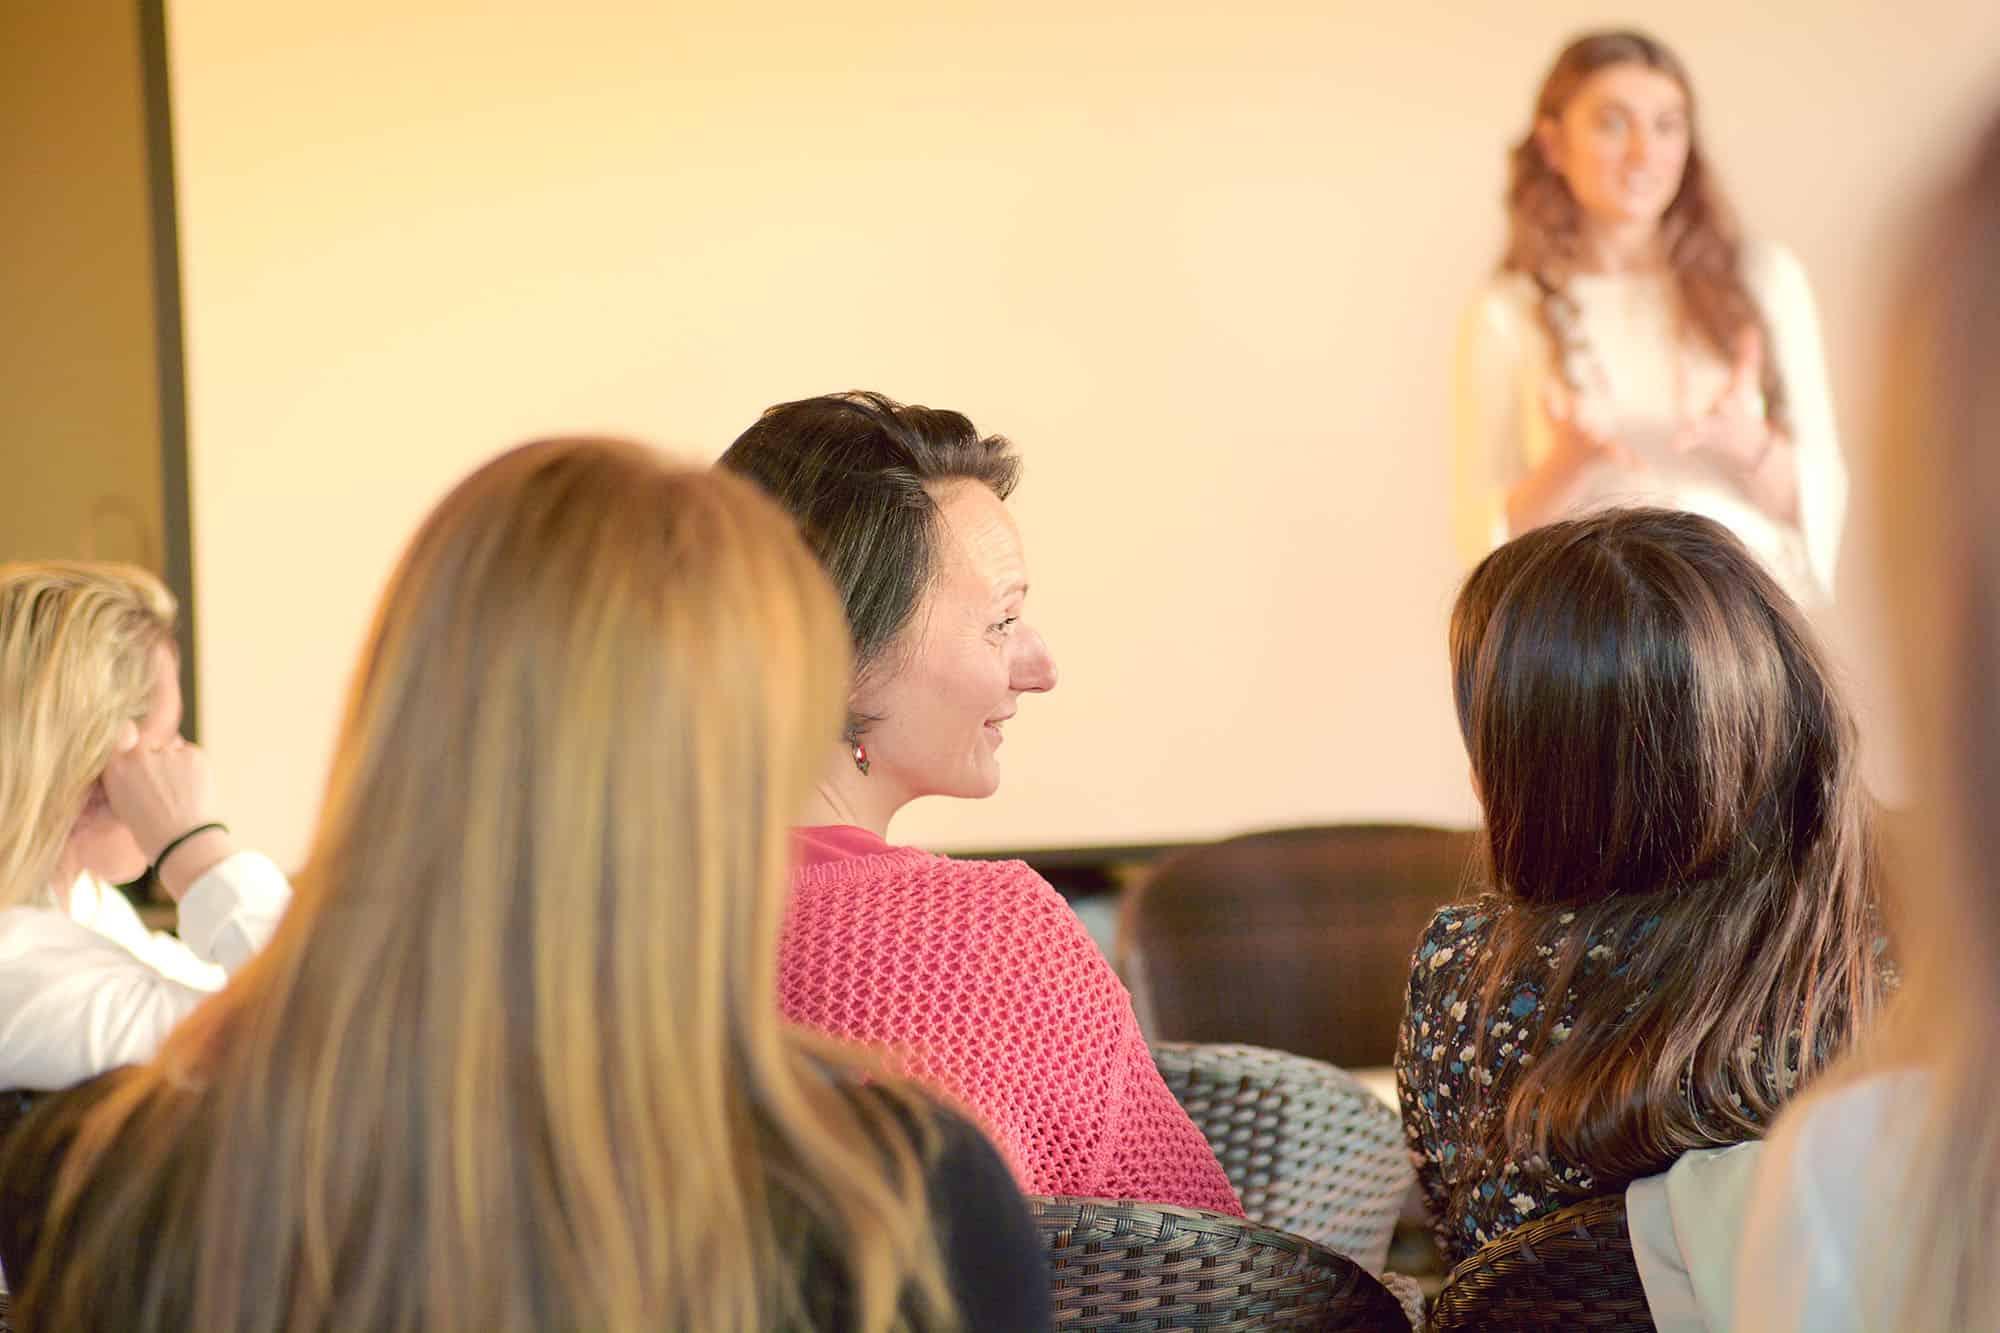 Petra Cutuk Vjeruj Traži Manifestiraj Zdravlje Meditacija Vježbe Disanja Samopouzdanje Posao Pms Pula Sreća Ciljevi